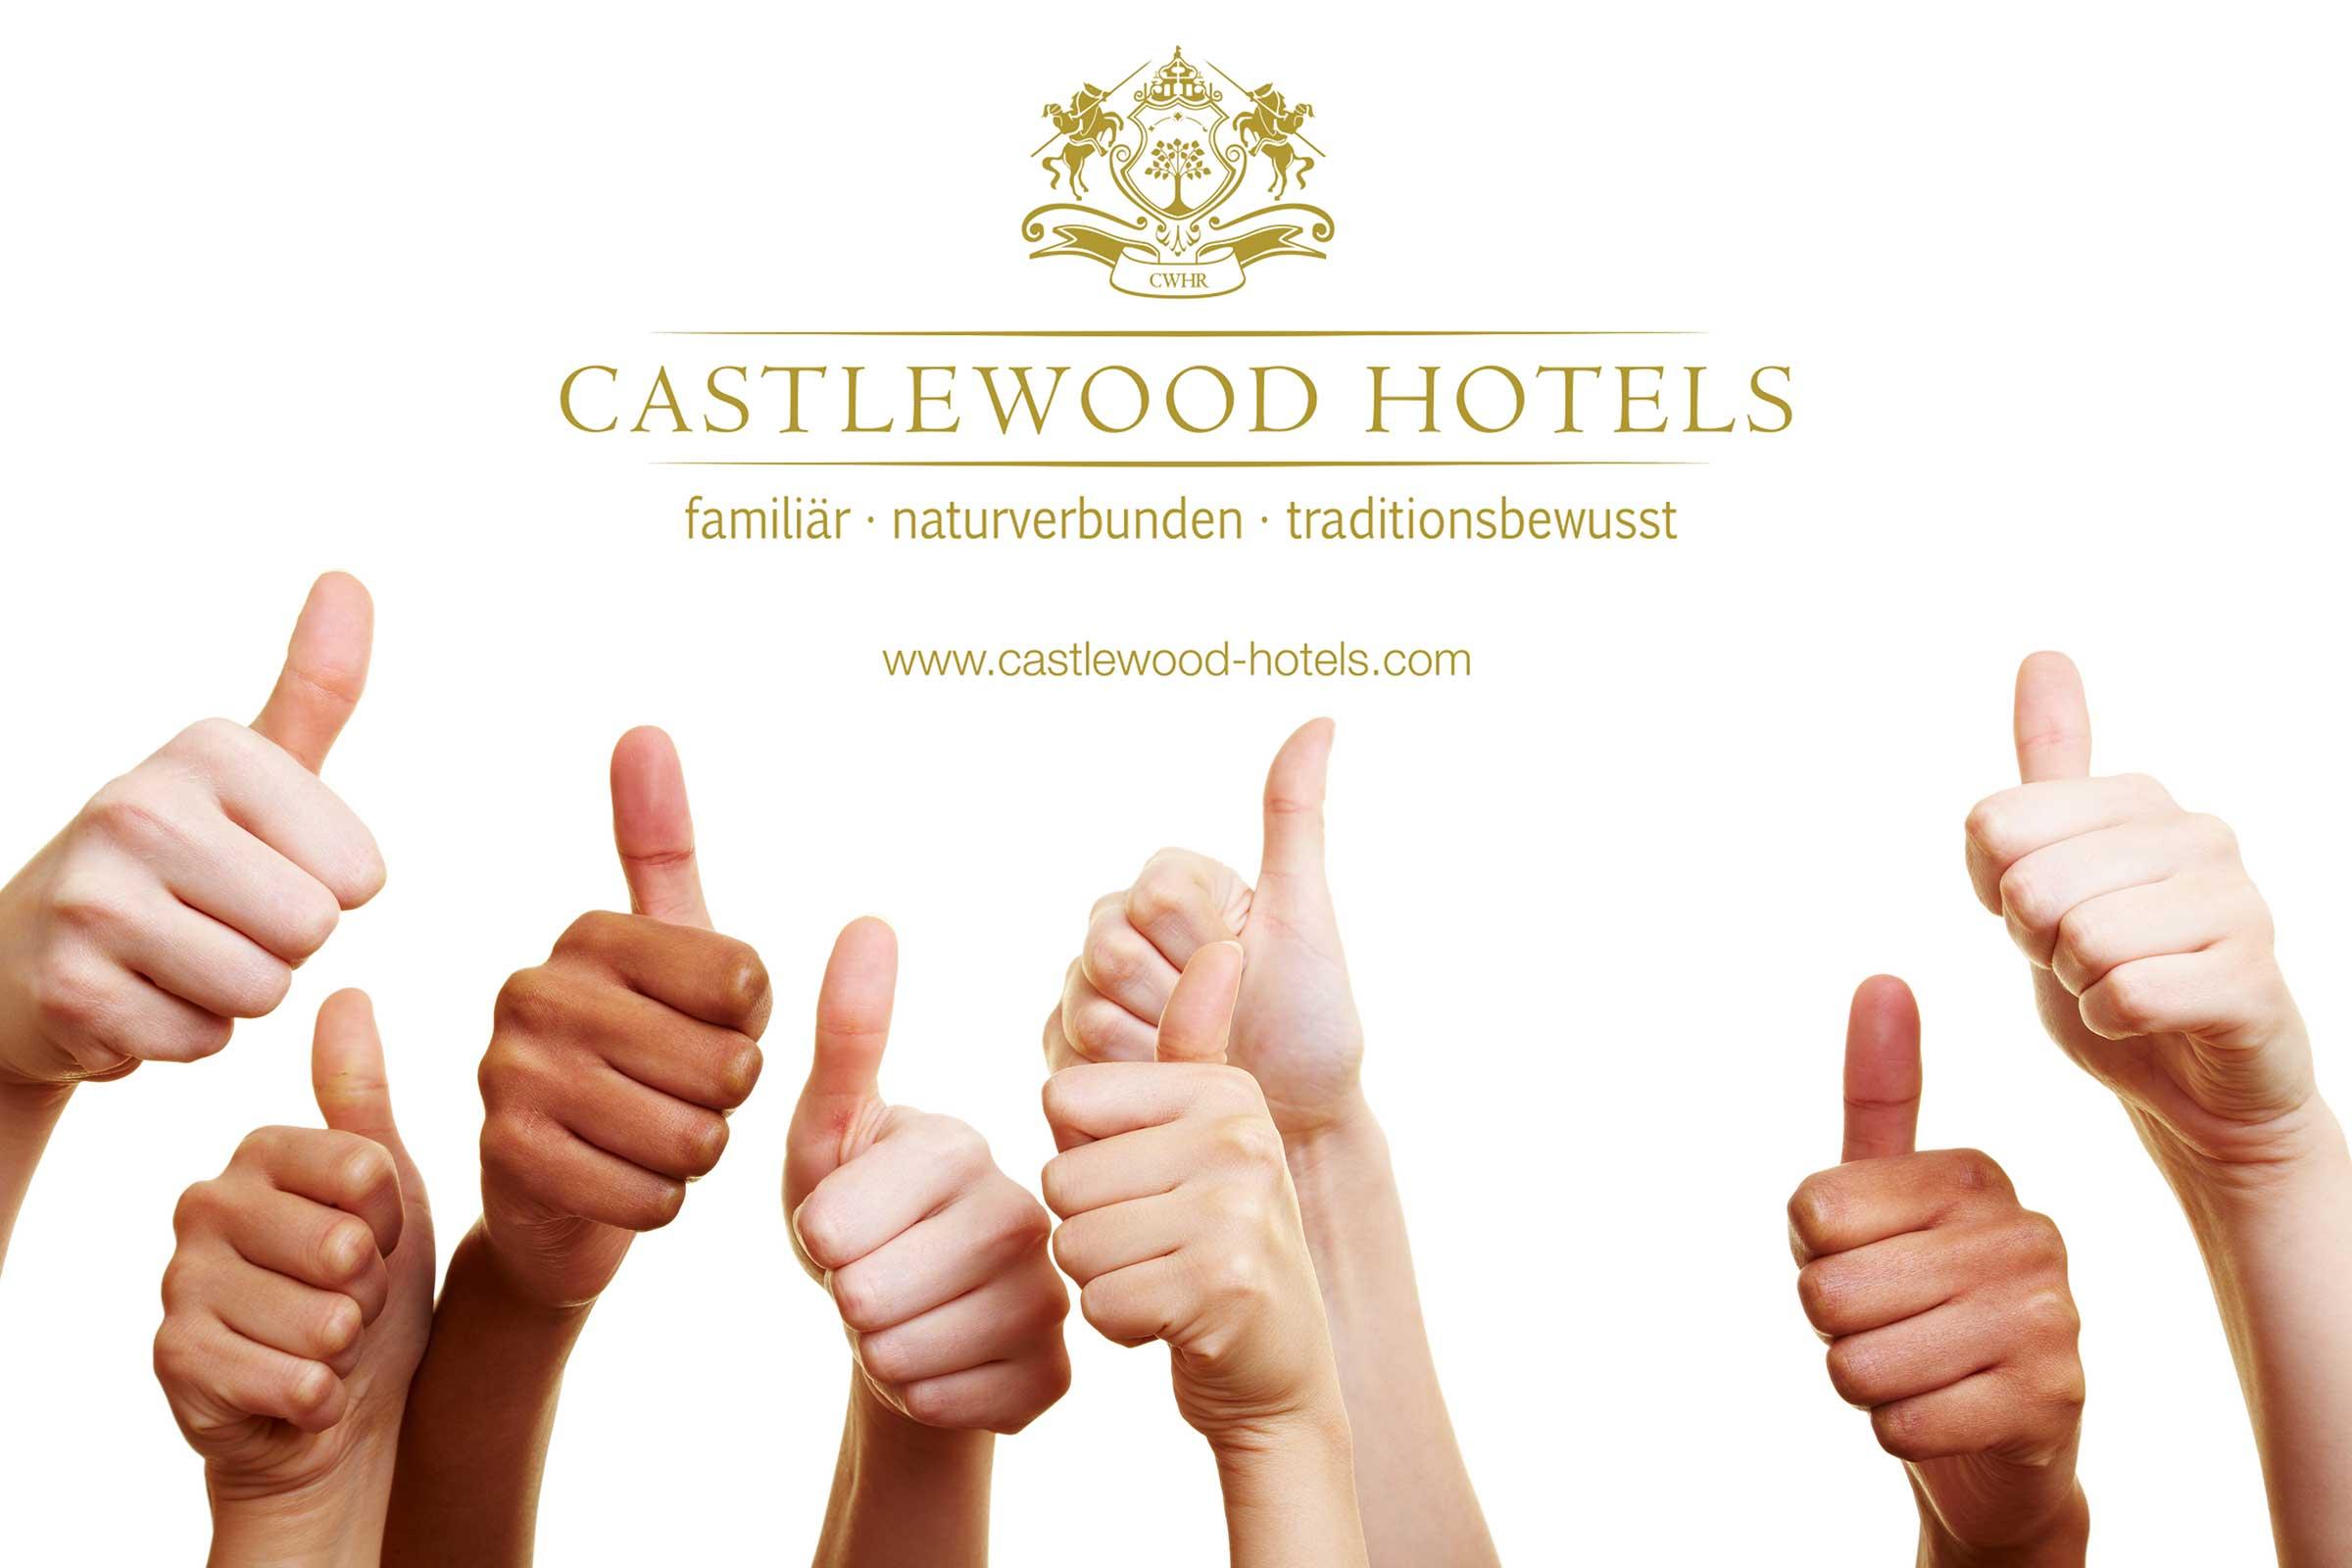 Daumen hoch für Castlewood Hotels